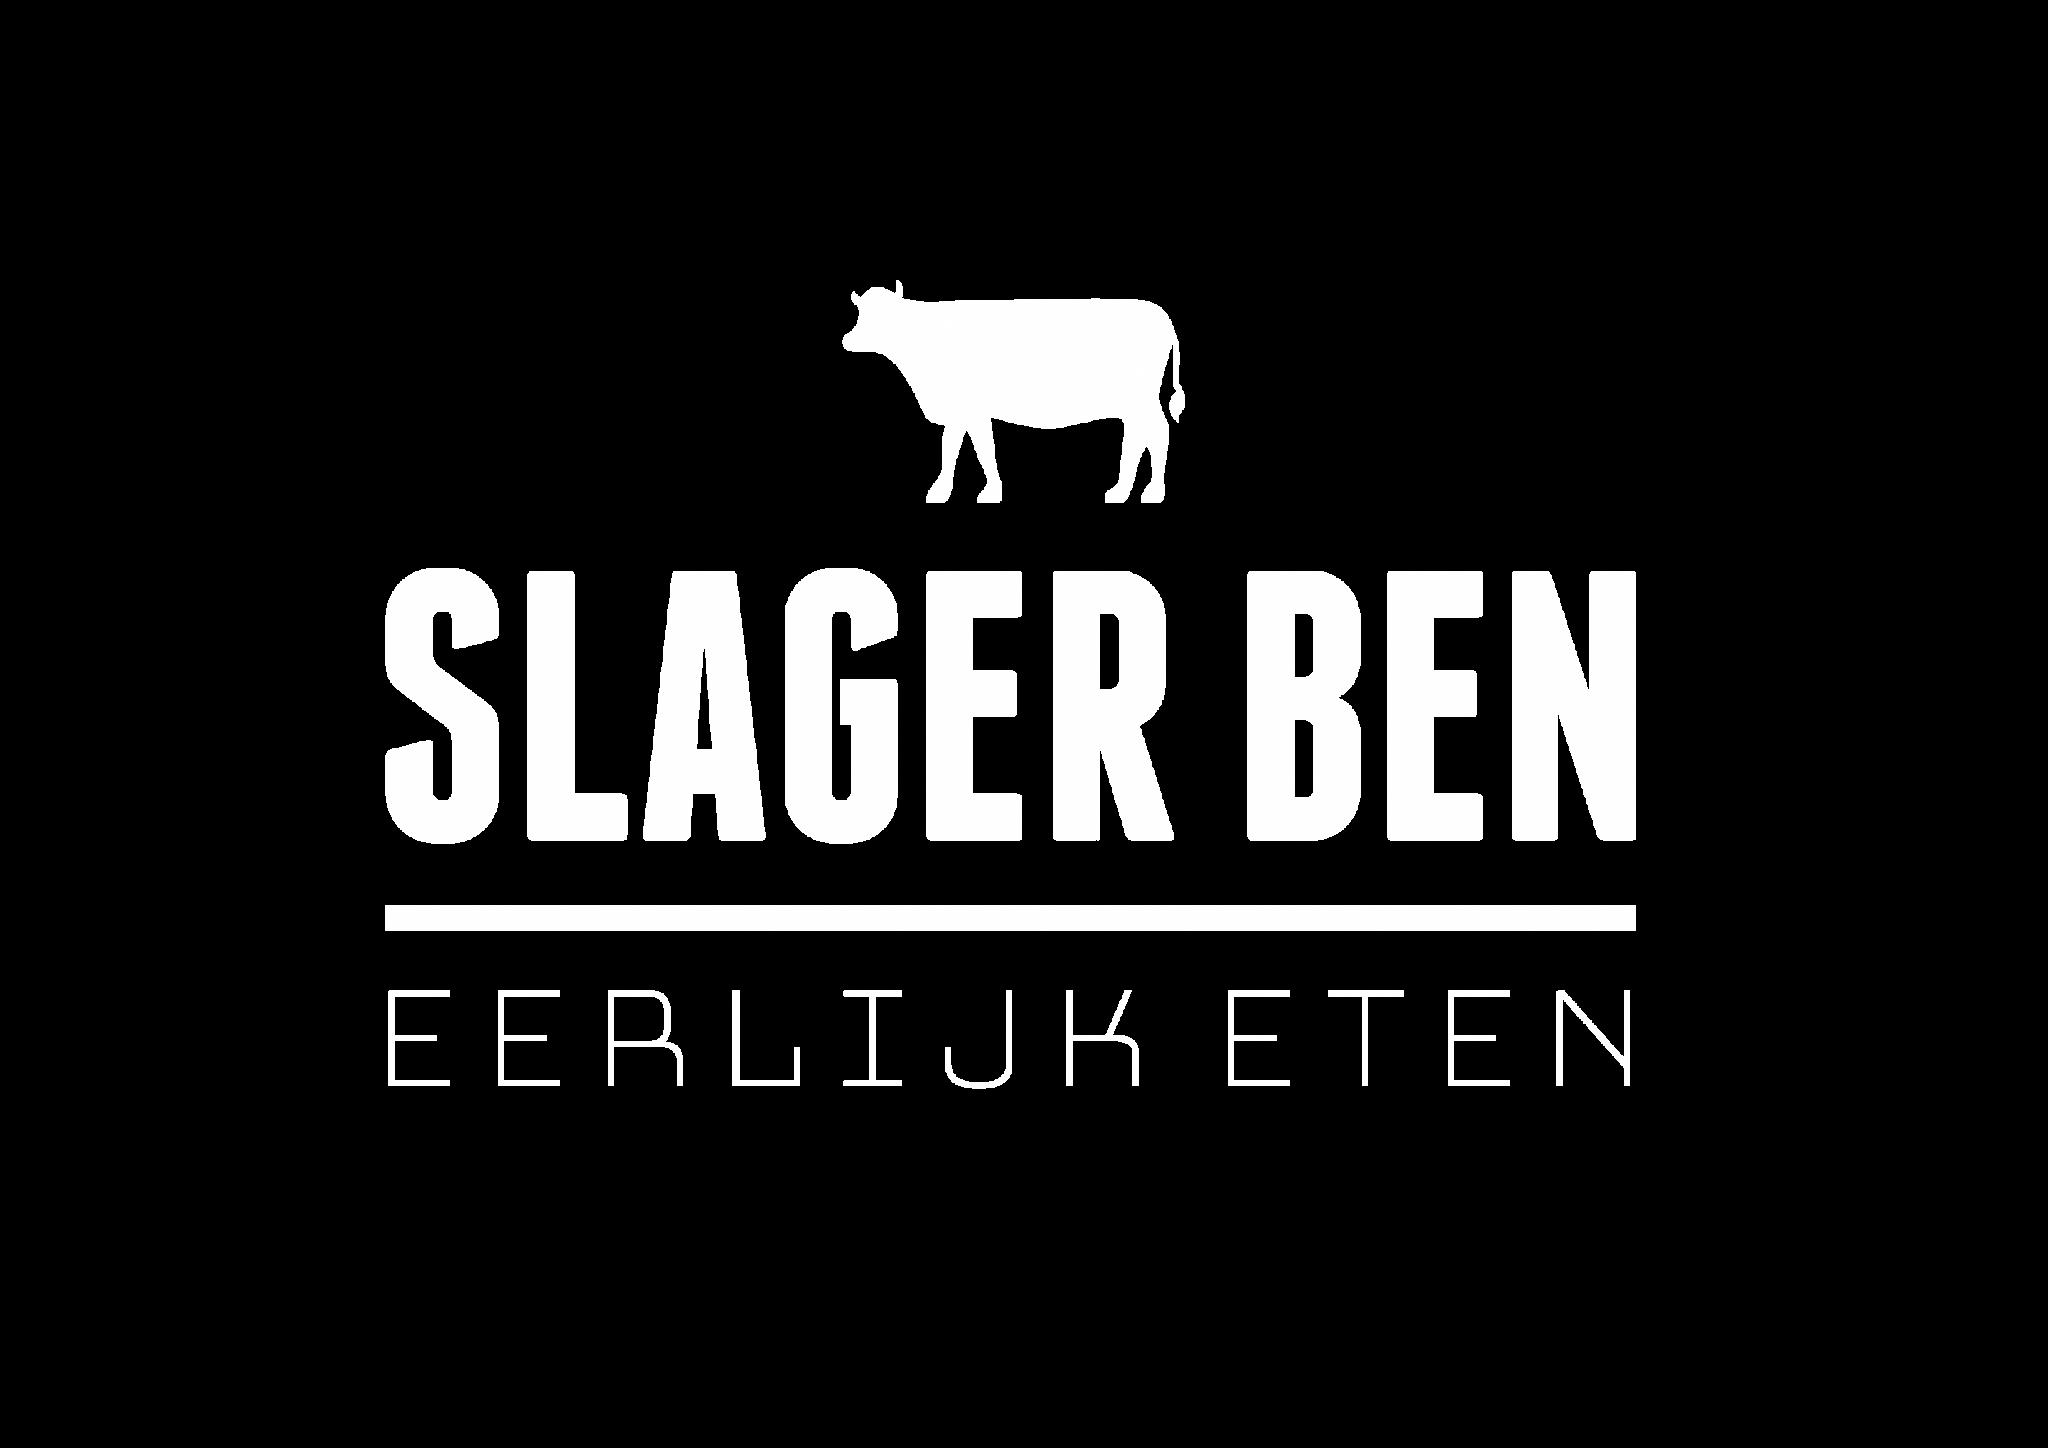 Slager Ben